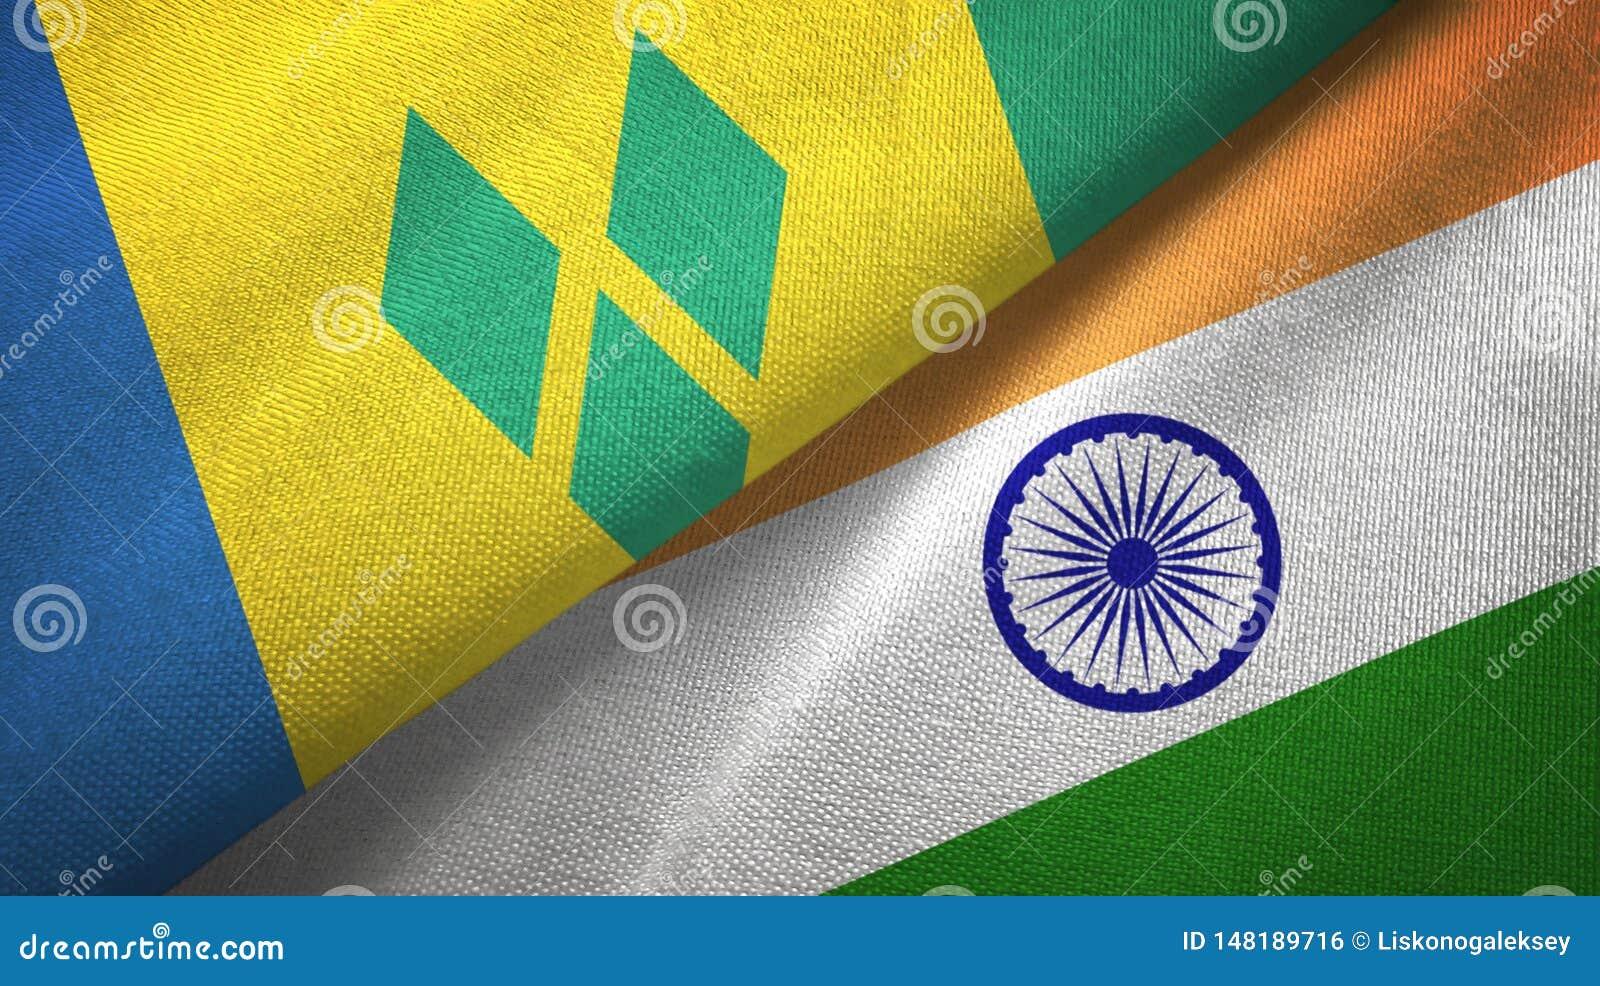 Άγιος Βικέντιος και Γρεναδίνες και Ινδία δύο σημαίες